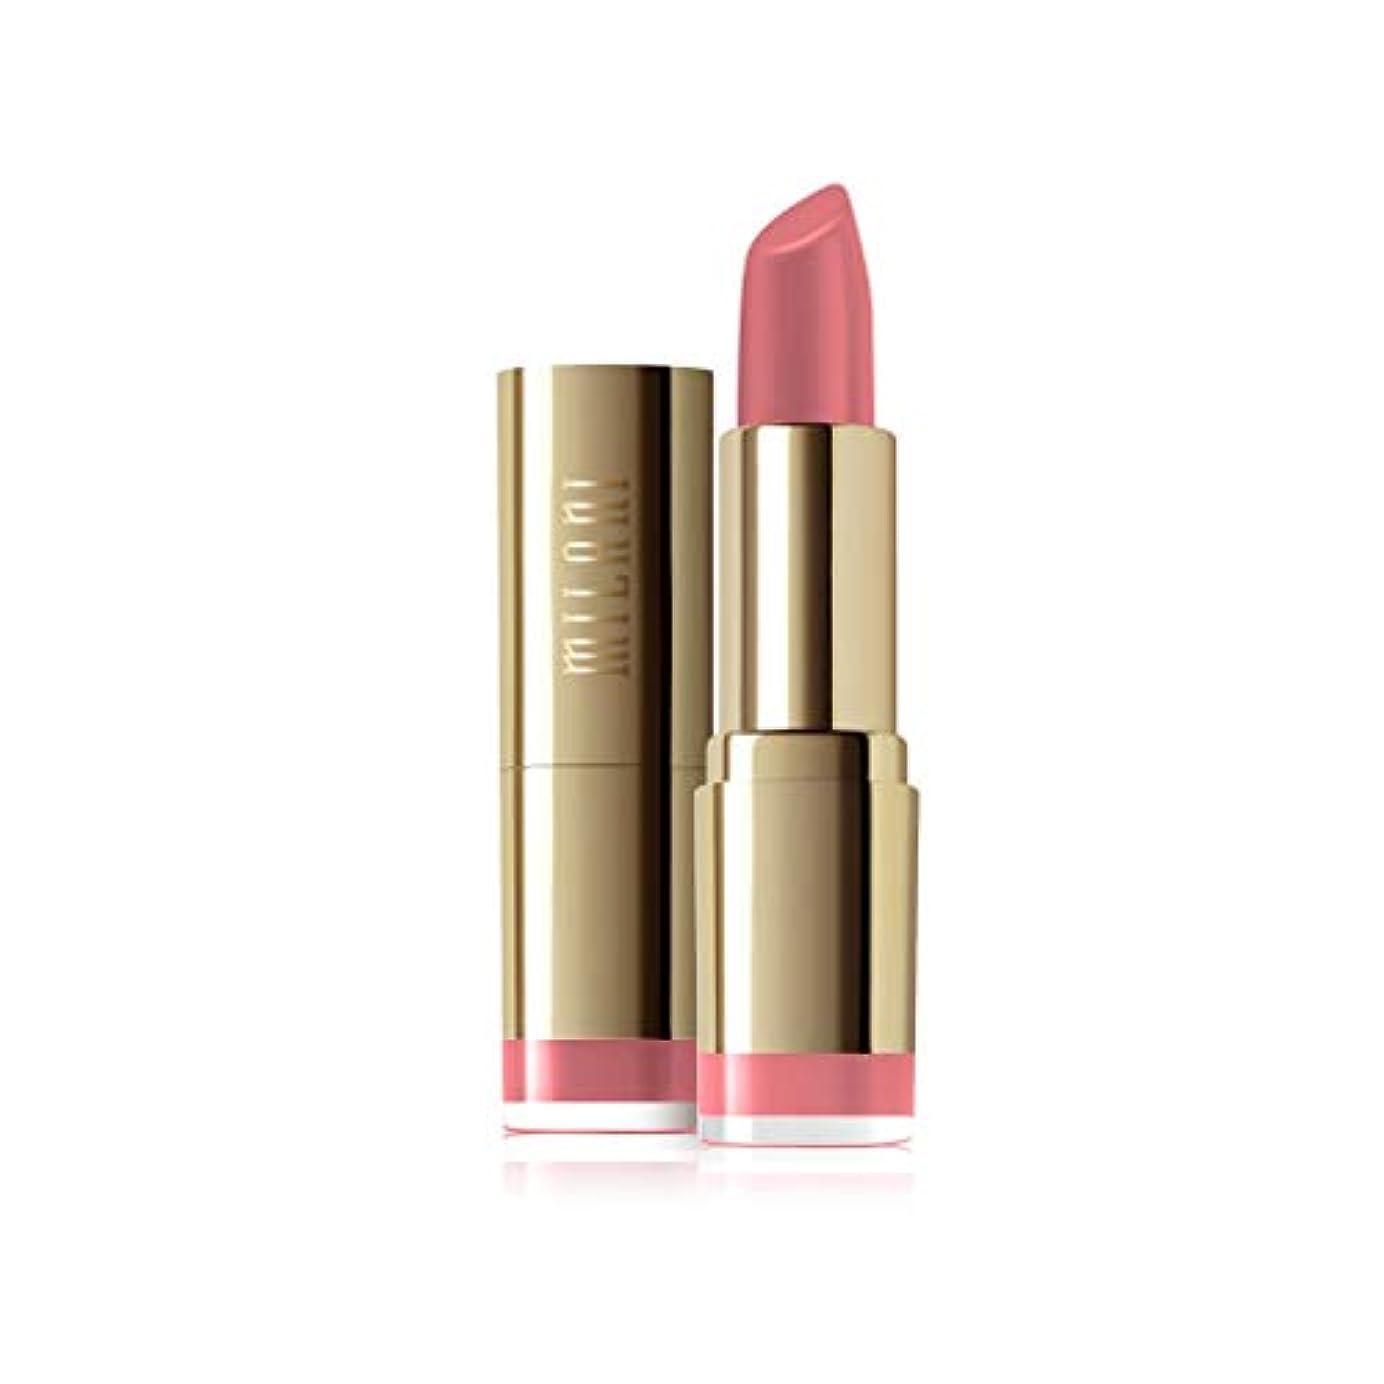 ぞっとするような熟練した前書きMILANI Color Statement Matte Lipstick - Matte Delicate (並行輸入品)